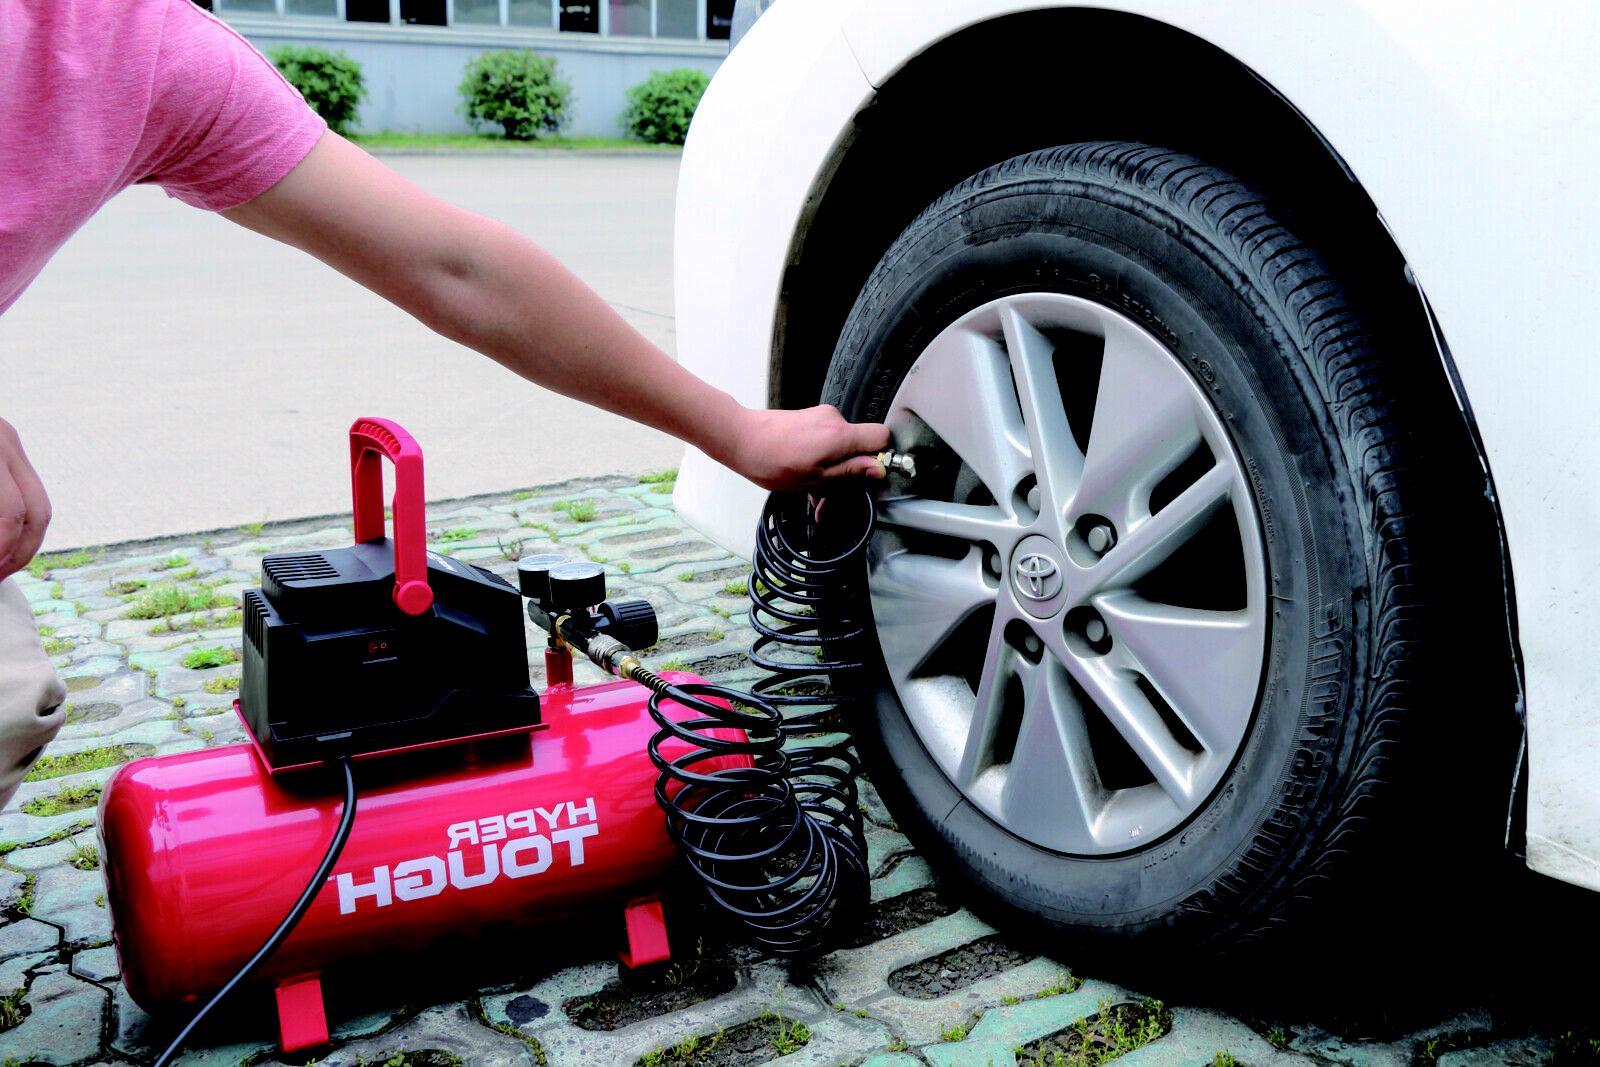 Portable Air Hotdog Home Garage Oil Free Pump Car NEW